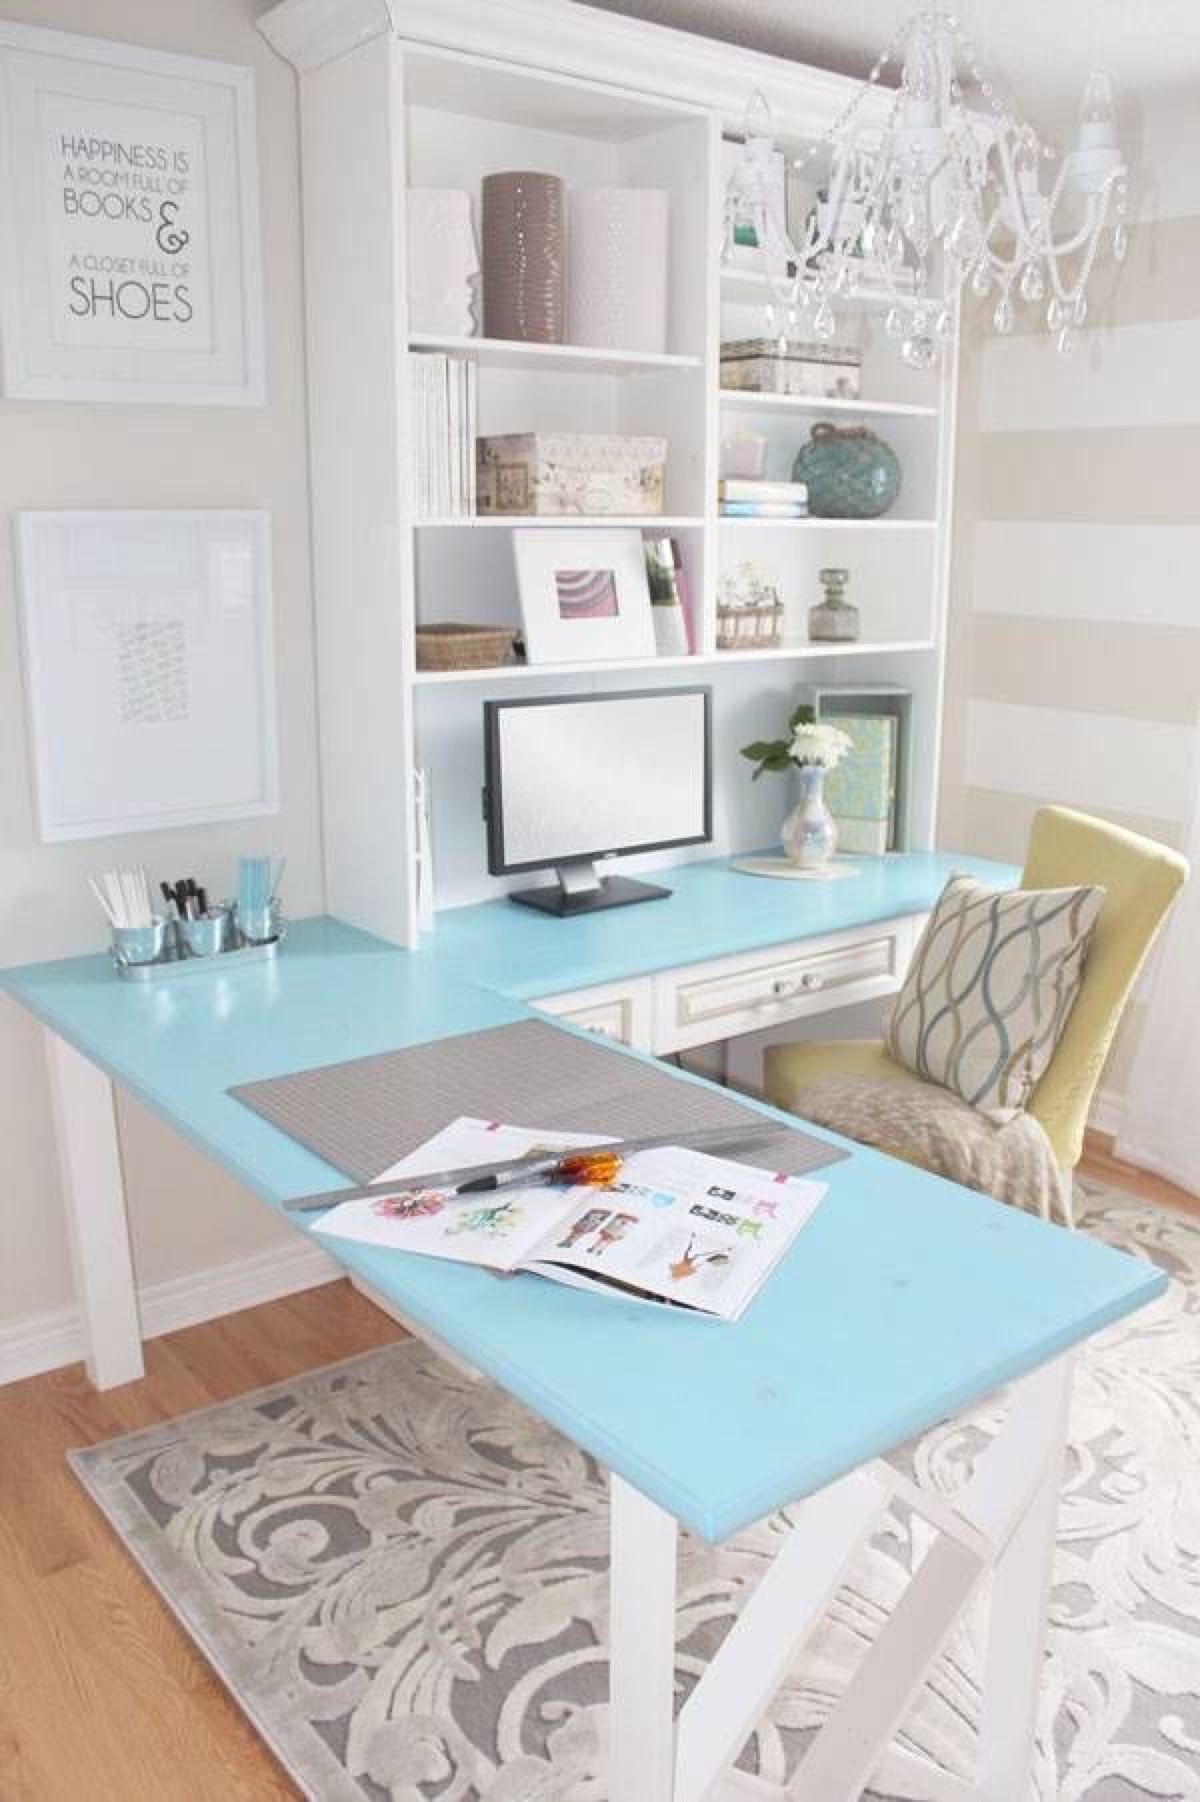 Mesa de canto para computador com estante